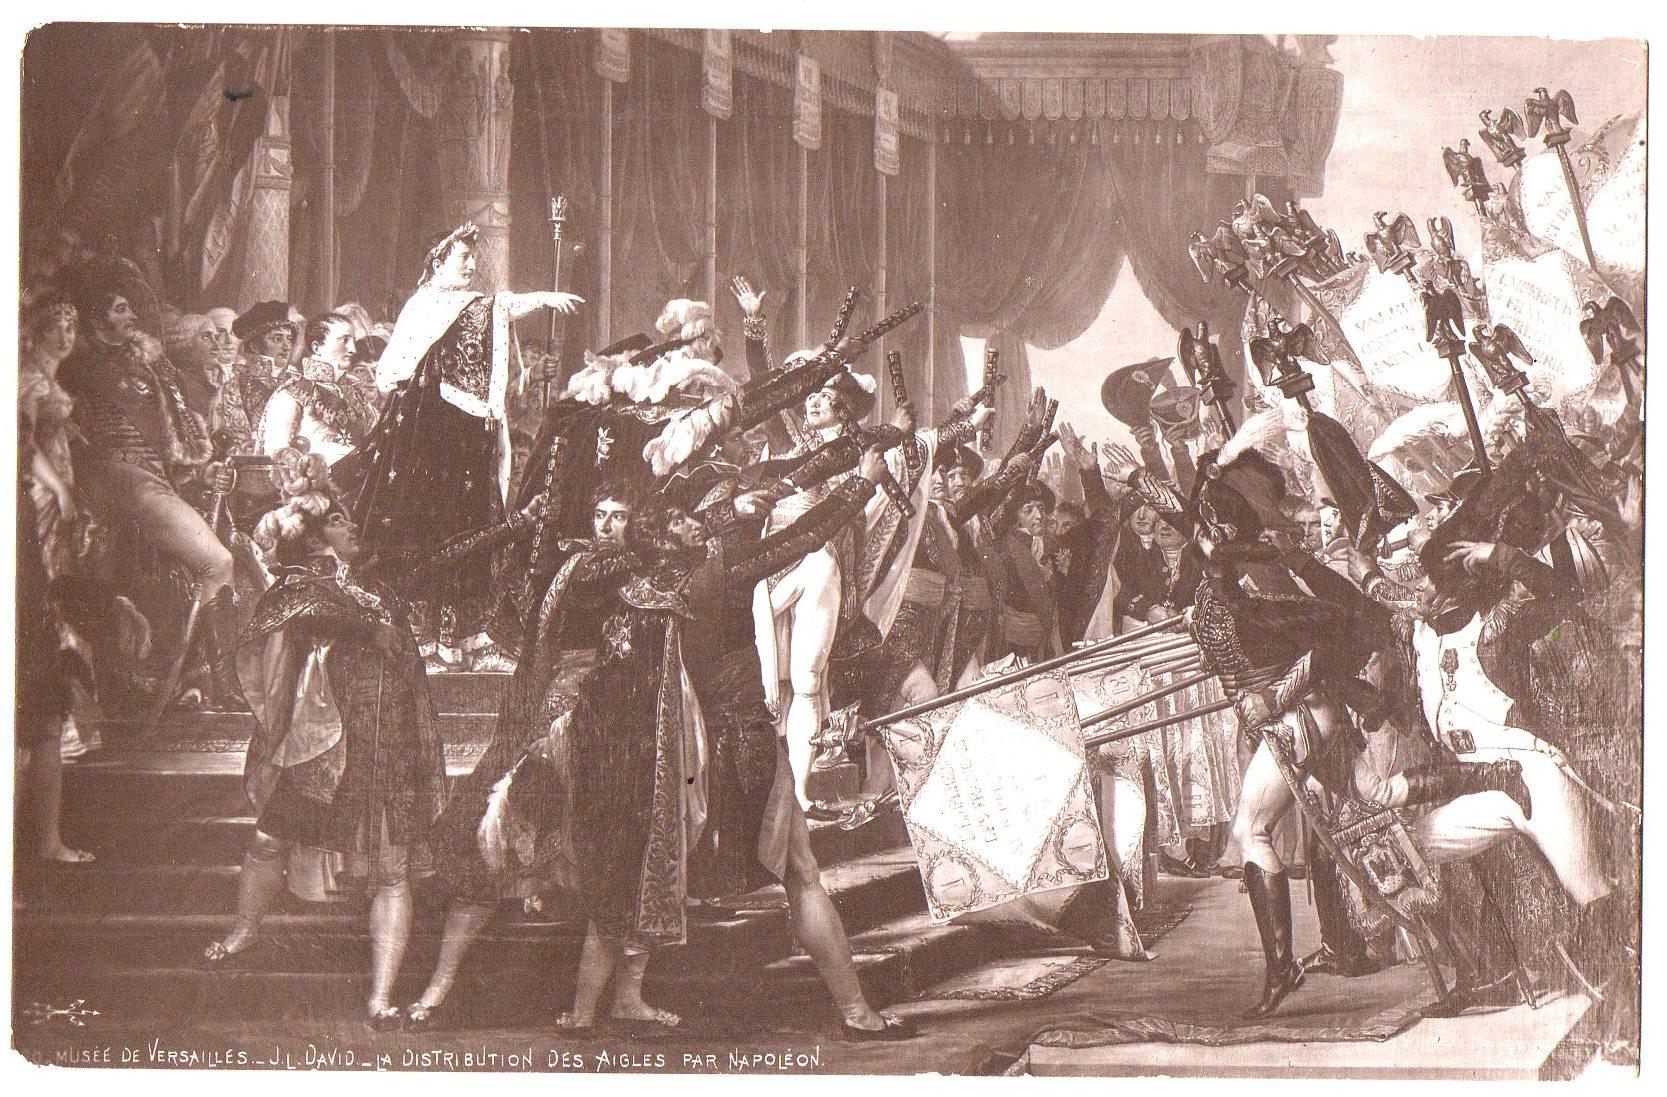 """Поштова листівка. """"Musée de Versailles._ J. L.David._ La distribution des Aigles par Napoléon / Музей """"Версаль""""._ Ж. Л. Давід._  Розподіл Орлів Наполеоном"""""""